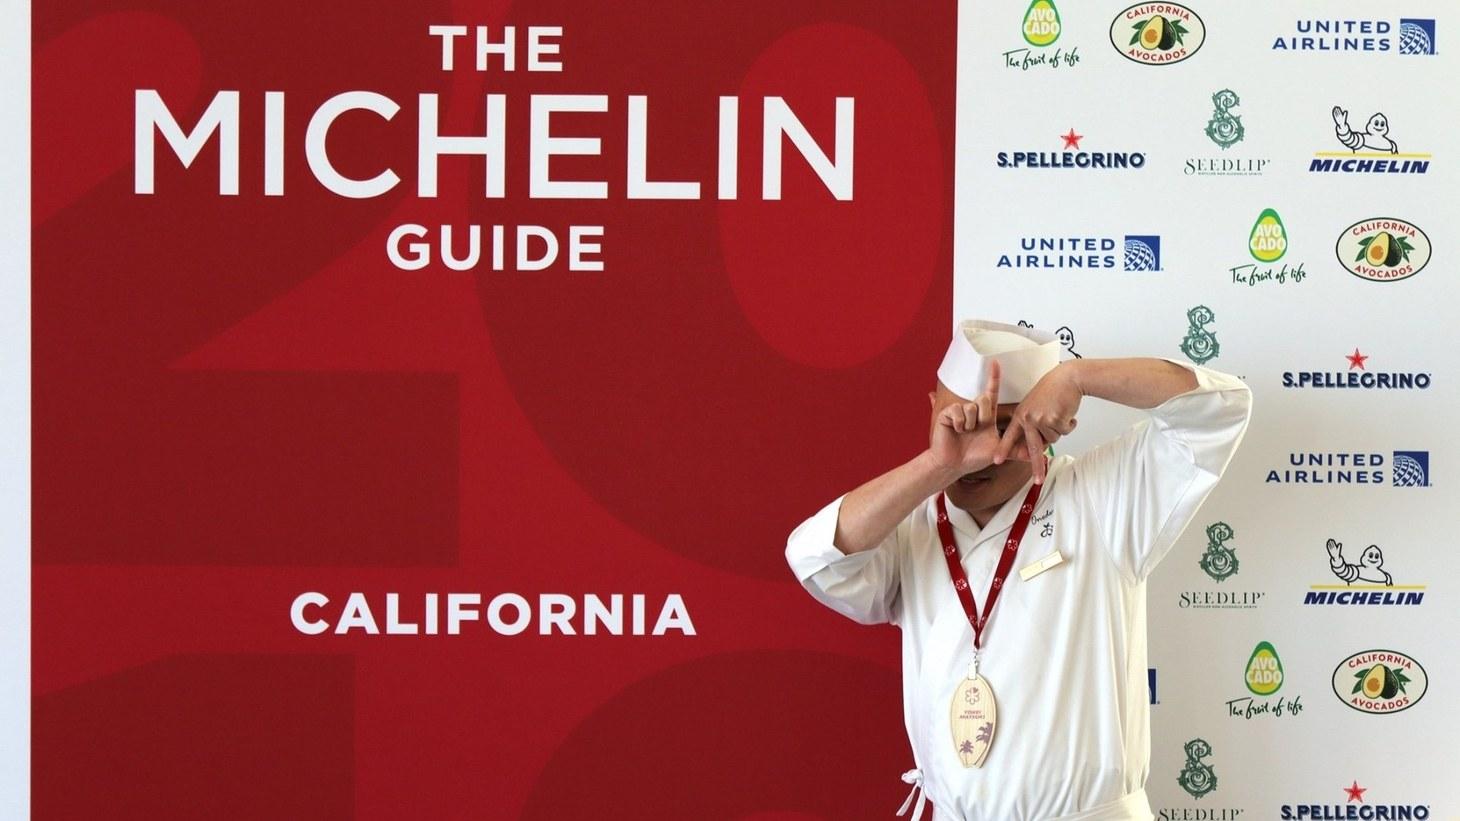 The Michelin Guide.